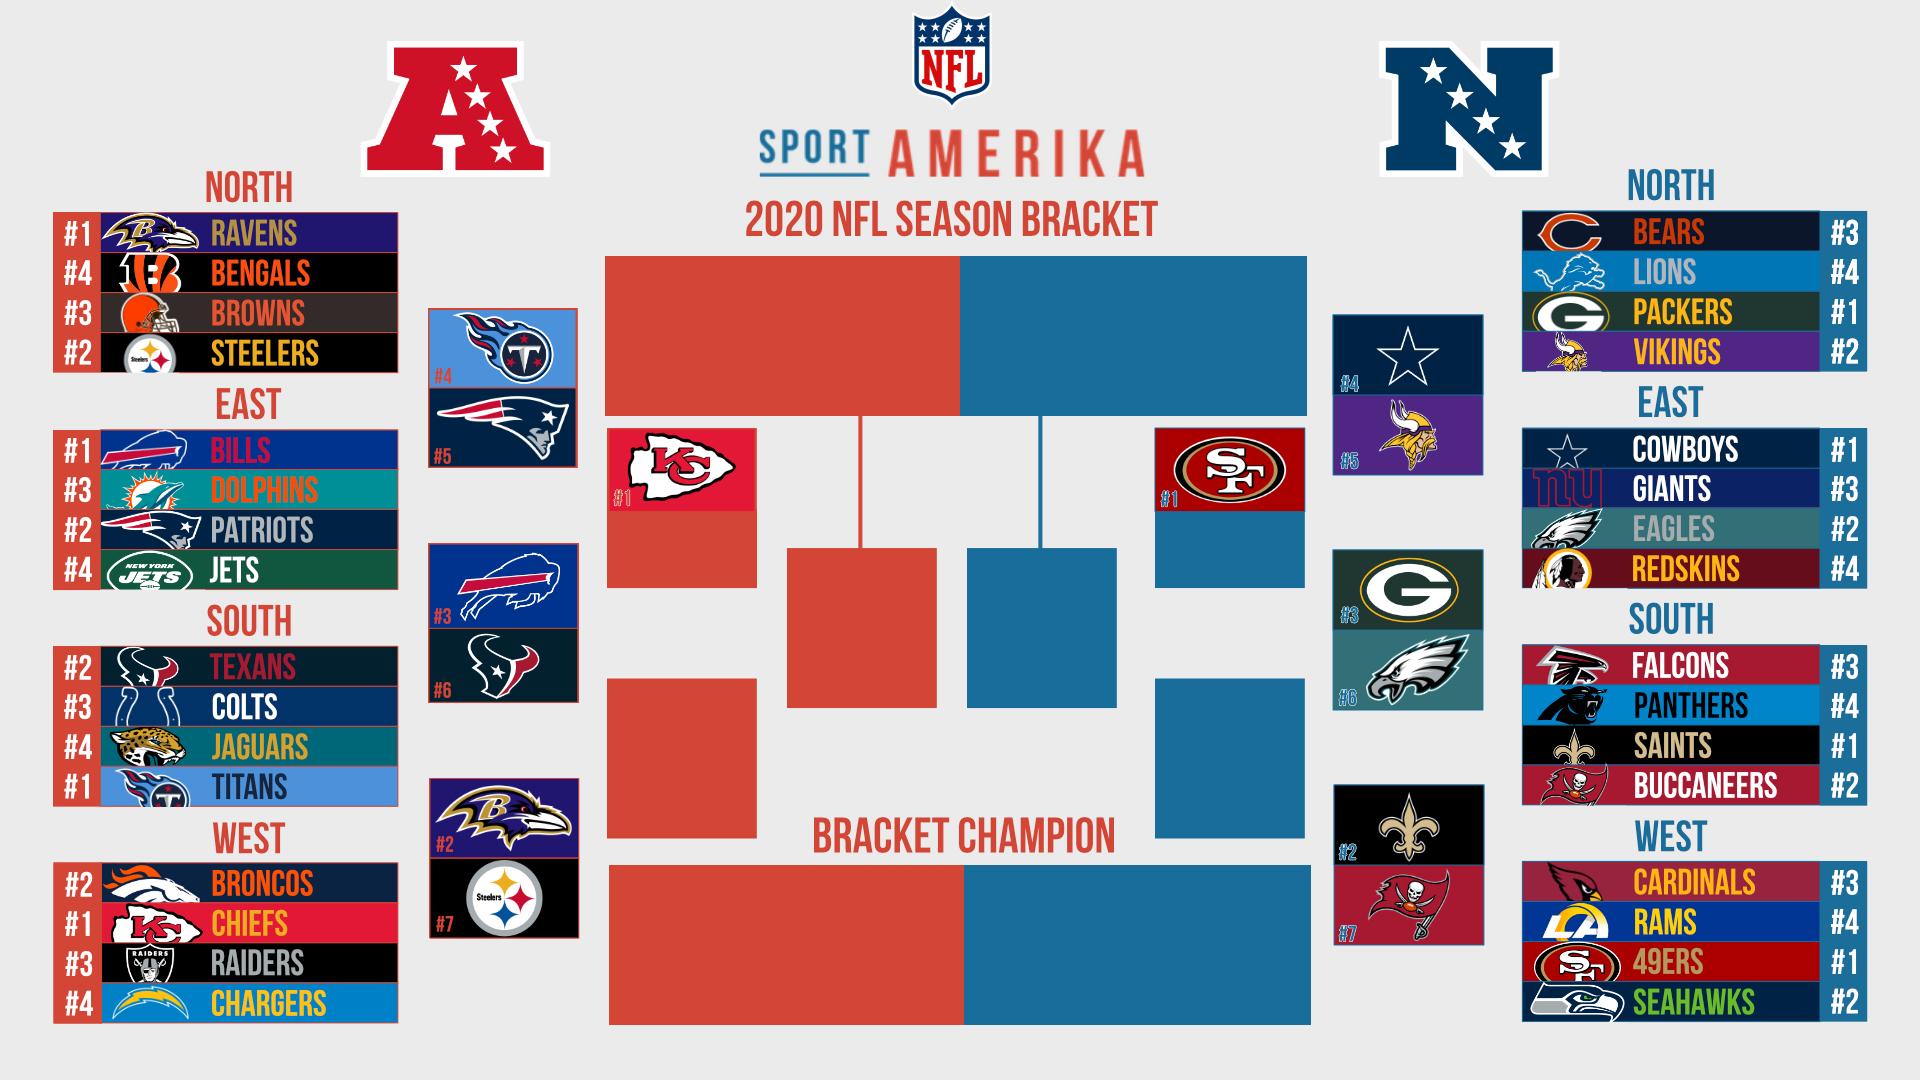 SportAmerika NFL Bracket 2020: weinig verrassingen in de NFC